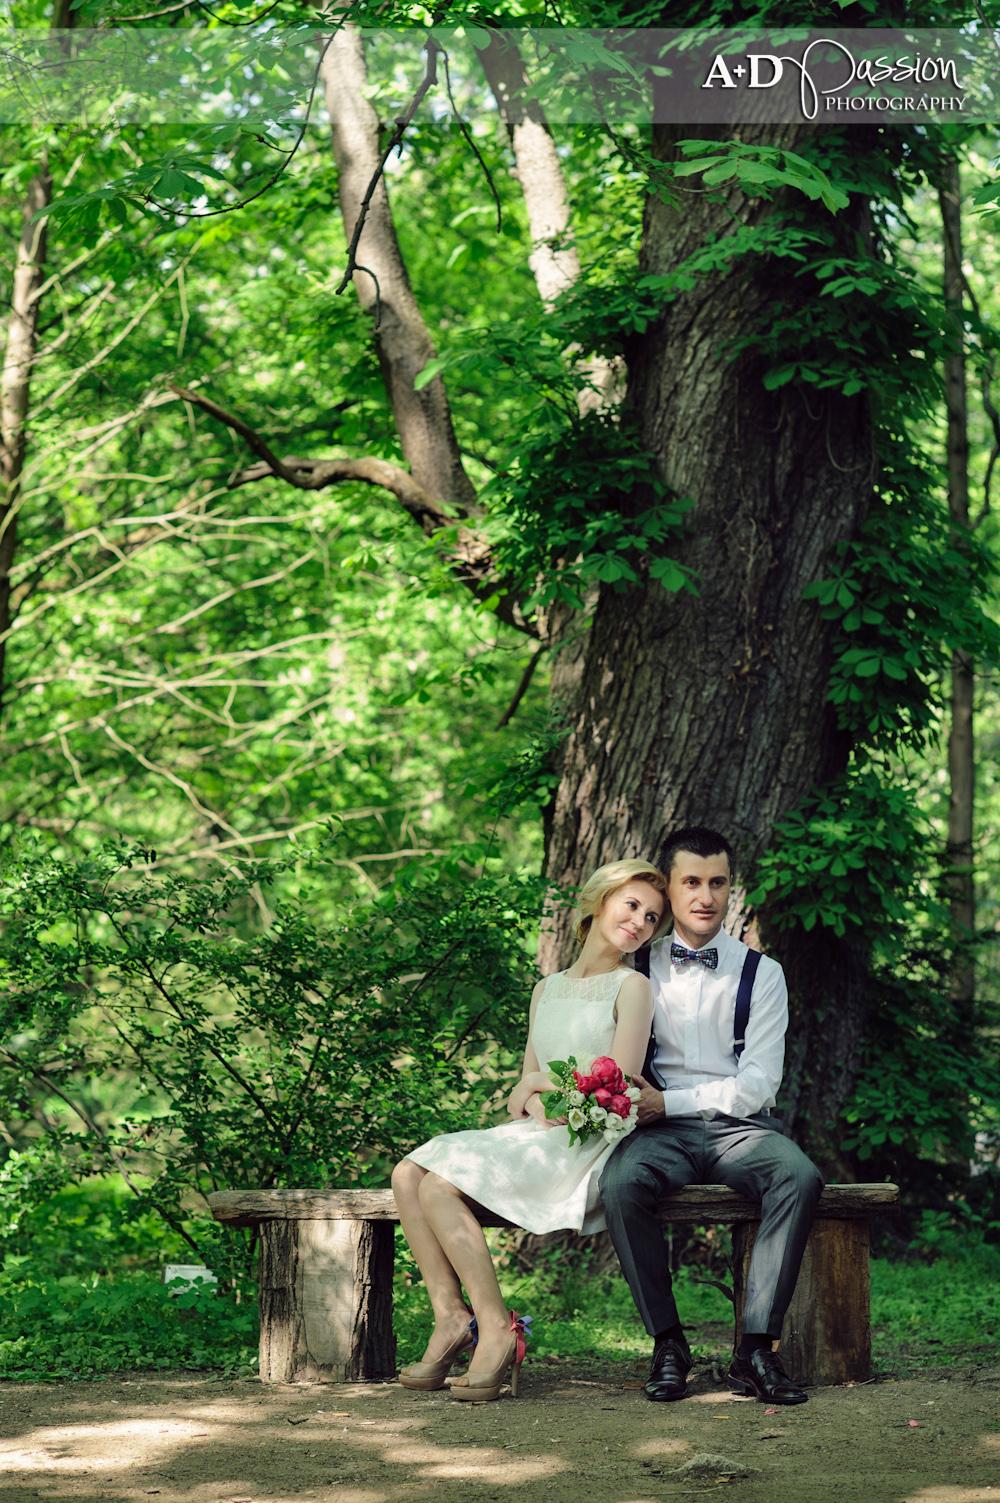 AD Passion Photography | 20120517_fotograf_profesionist_nunta_ttd_gabriela_si_lari_0024 | Adelin, Dida, fotograf profesionist, fotograf de nunta, fotografie de nunta, fotograf Timisoara, fotograf Craiova, fotograf Bucuresti, fotograf Arad, nunta Timisoara, nunta Arad, nunta Bucuresti, nunta Craiova